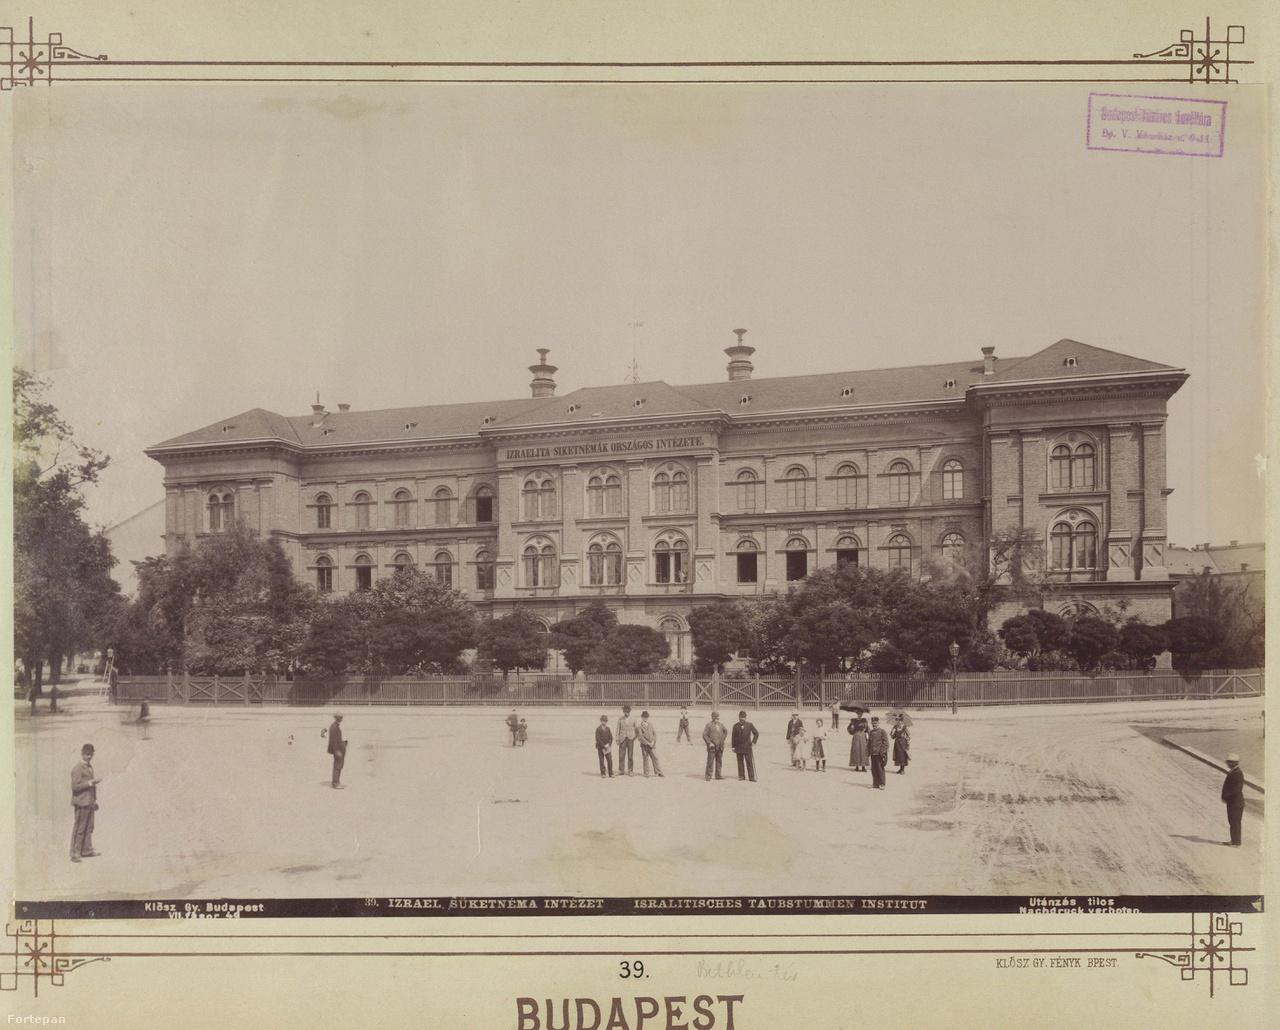 A rombusz alakú Bethlen Gábor tér egyik meghatározó épülete a volt Izraelita Siketnémák Budapesti Országos Intézete (ma McDaniel College), a másik Budapest legnagyobb, a második világháború előtt épült bérháza, a Reiner Dezső által tervezett Rákosi-udvar. Utóbbi, a Bethlen Gábor tér 3. a Csikágó legimpozánsabb épülete volt, orvosok, gyárigazgatók, tisztviselők, színészek lakhelye. A ház földszintjét eredetileg mozinak tervezték, az évtizedek során hol úgy, hol színházként működött, inspirált Móricz Zsigmond- és Békés Pál-regényt is. Az idei Budapest100-on a teret a Bethlen Téri Színház lakja be, és hív kultúrpiknikre  és improvizációra.